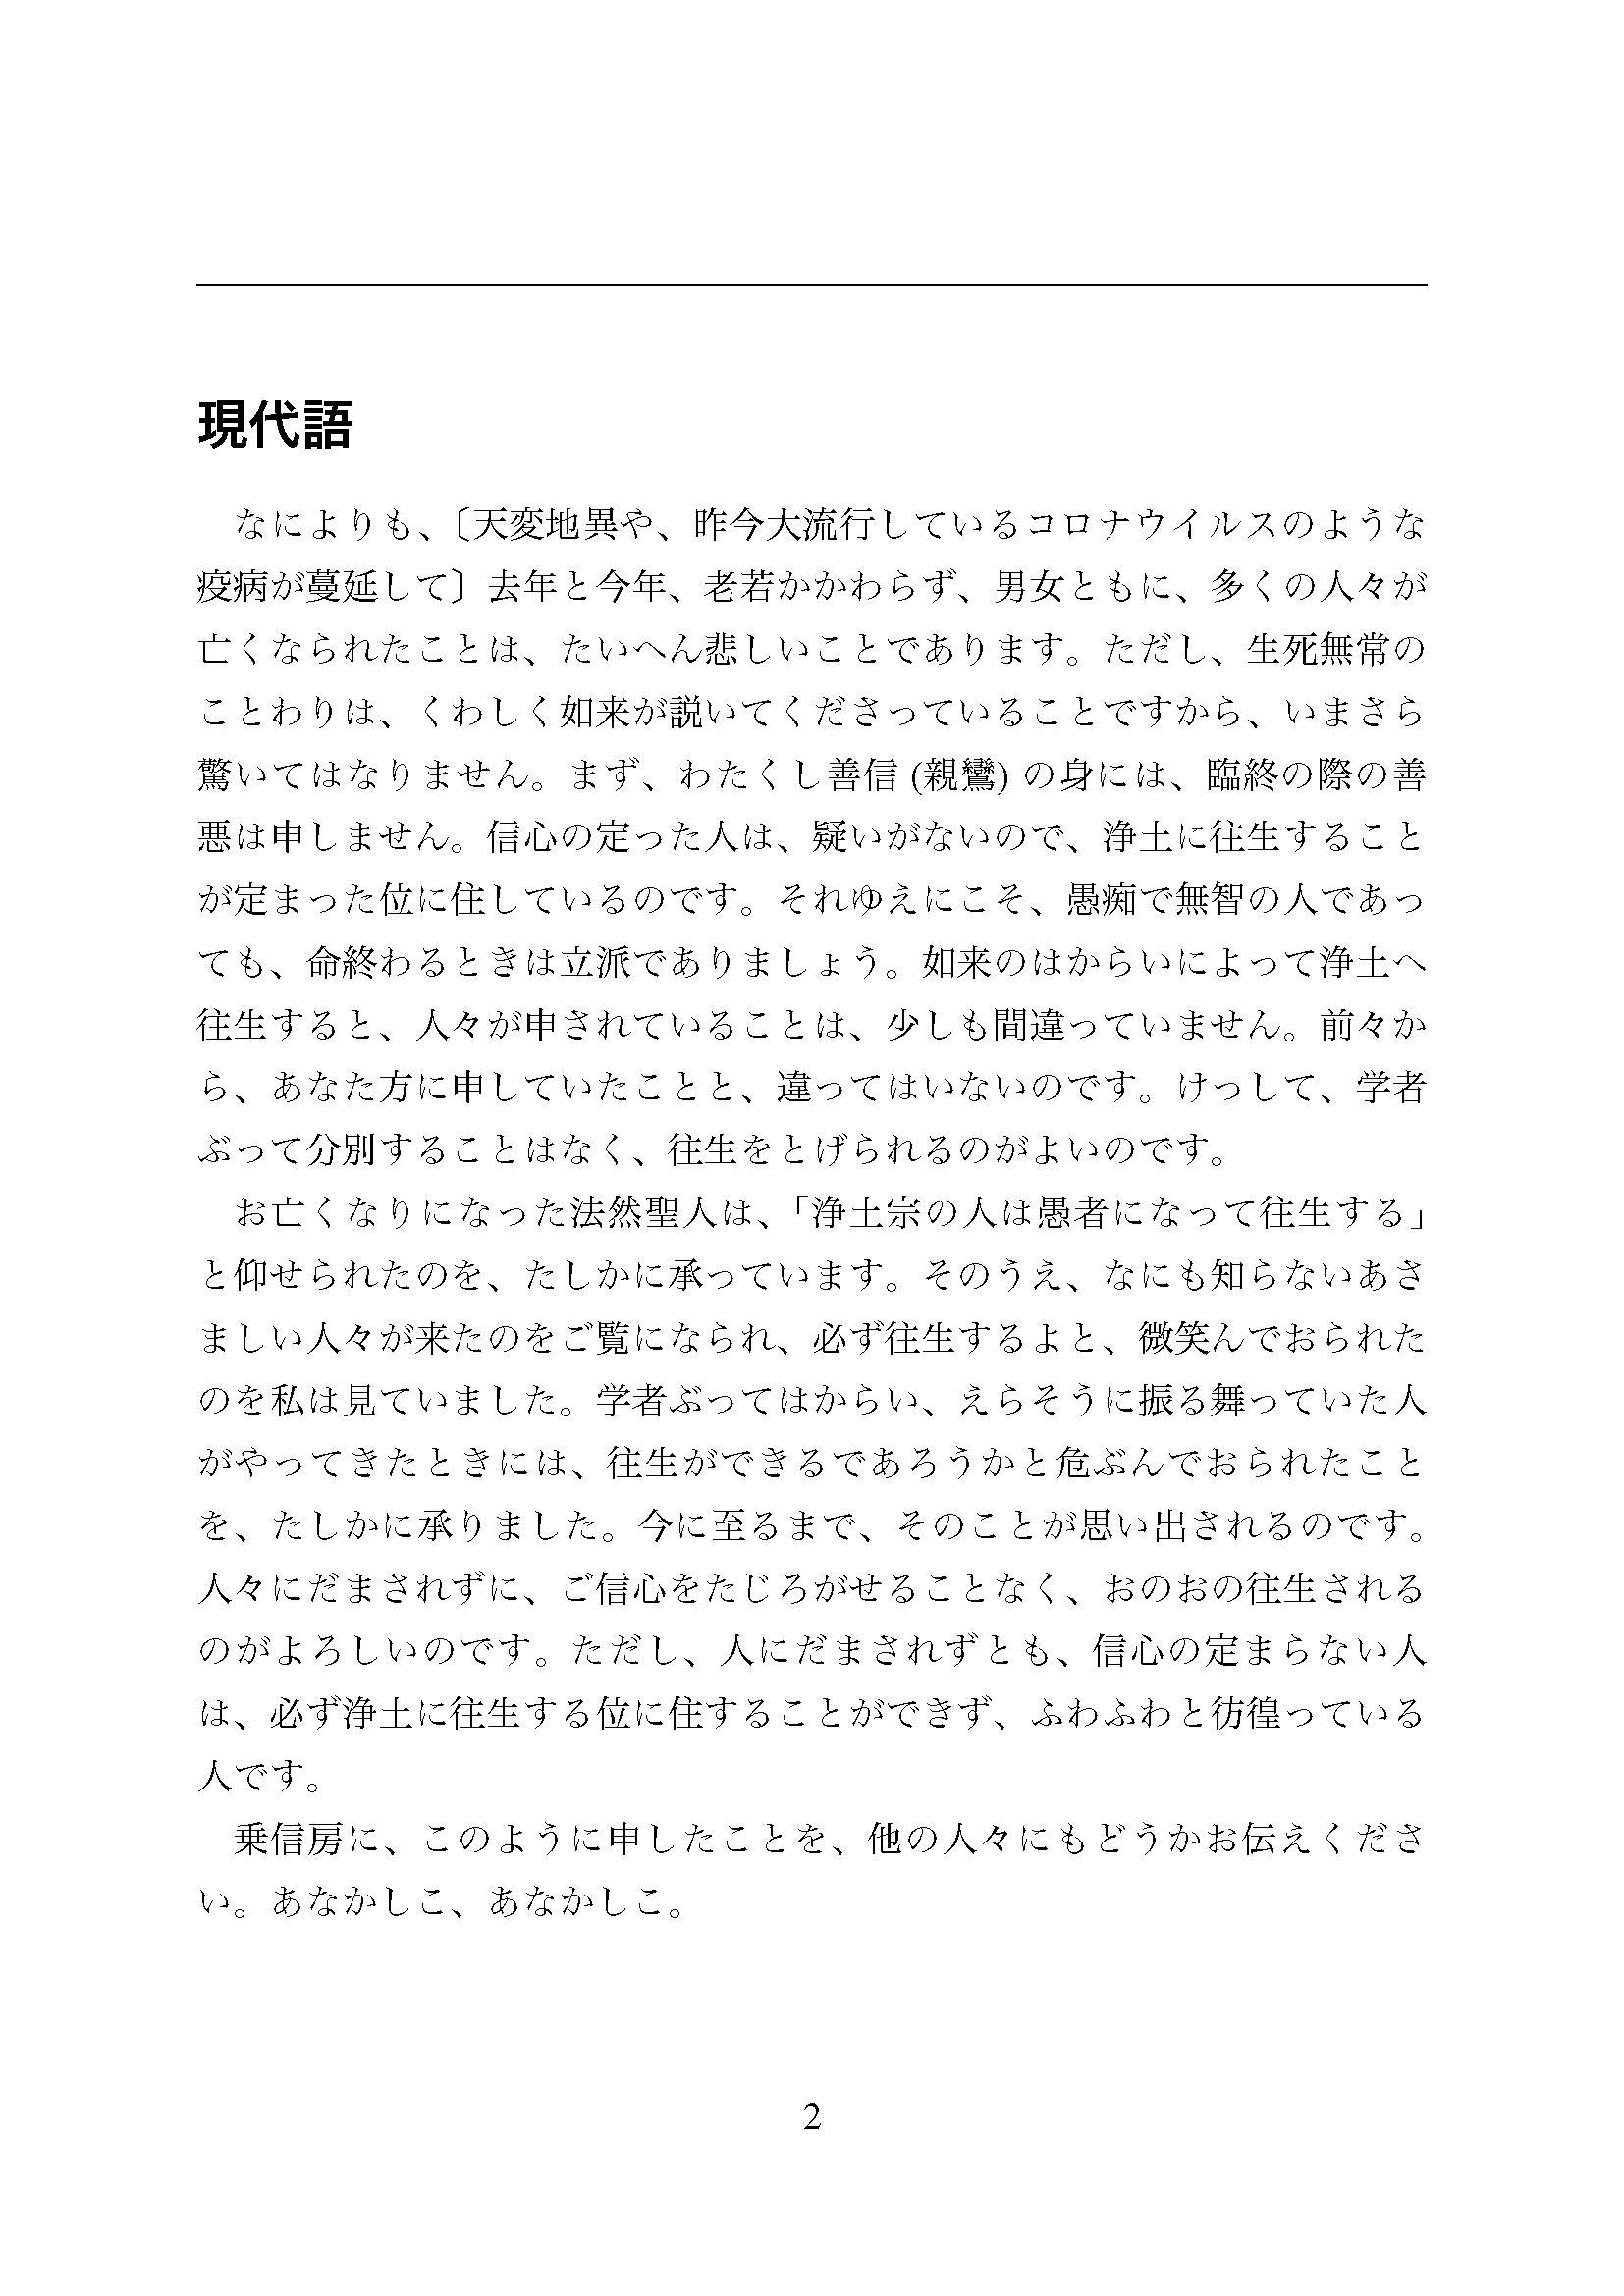 kozo_kotoshi_02.png